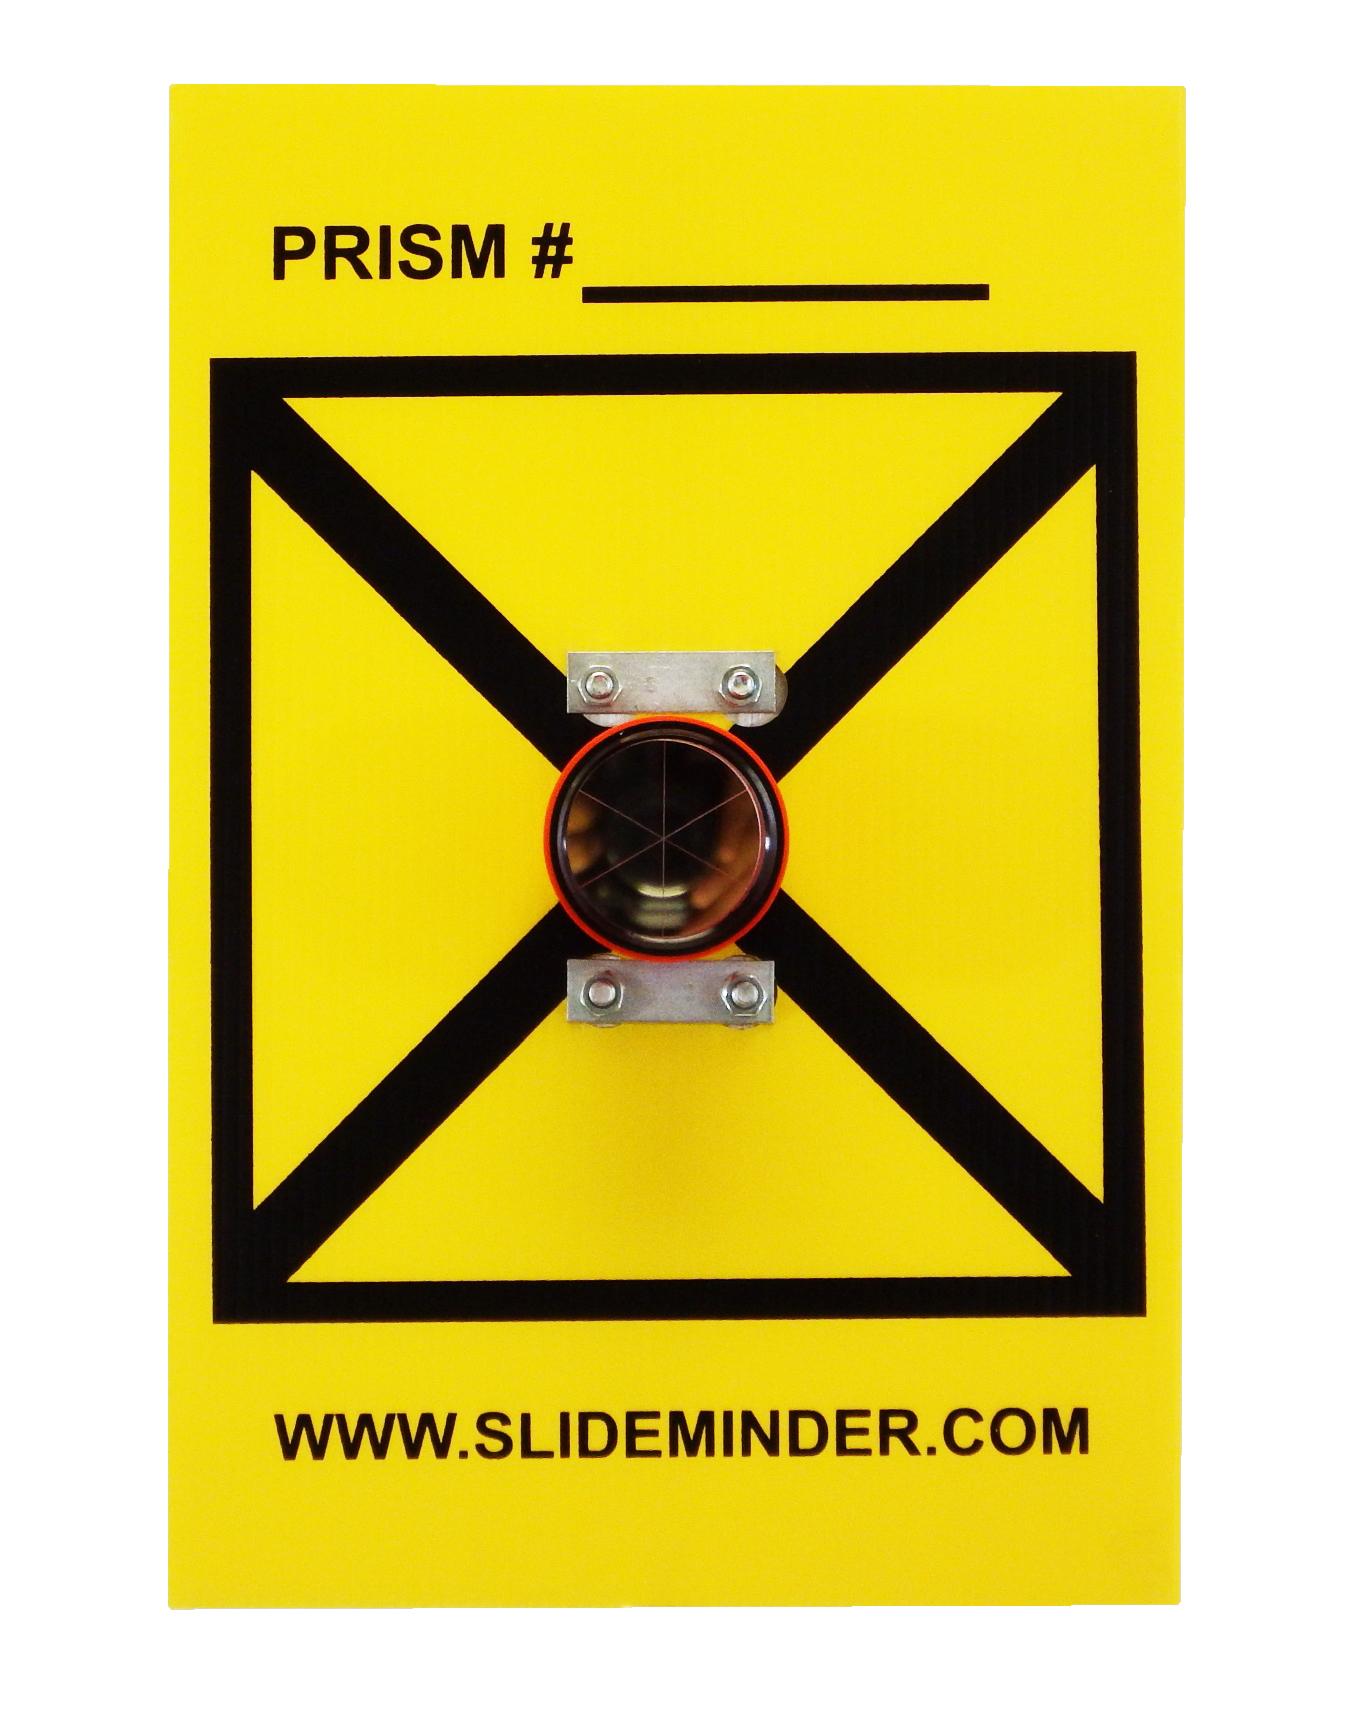 Clear Nitrogen Filled Survey Prism Set